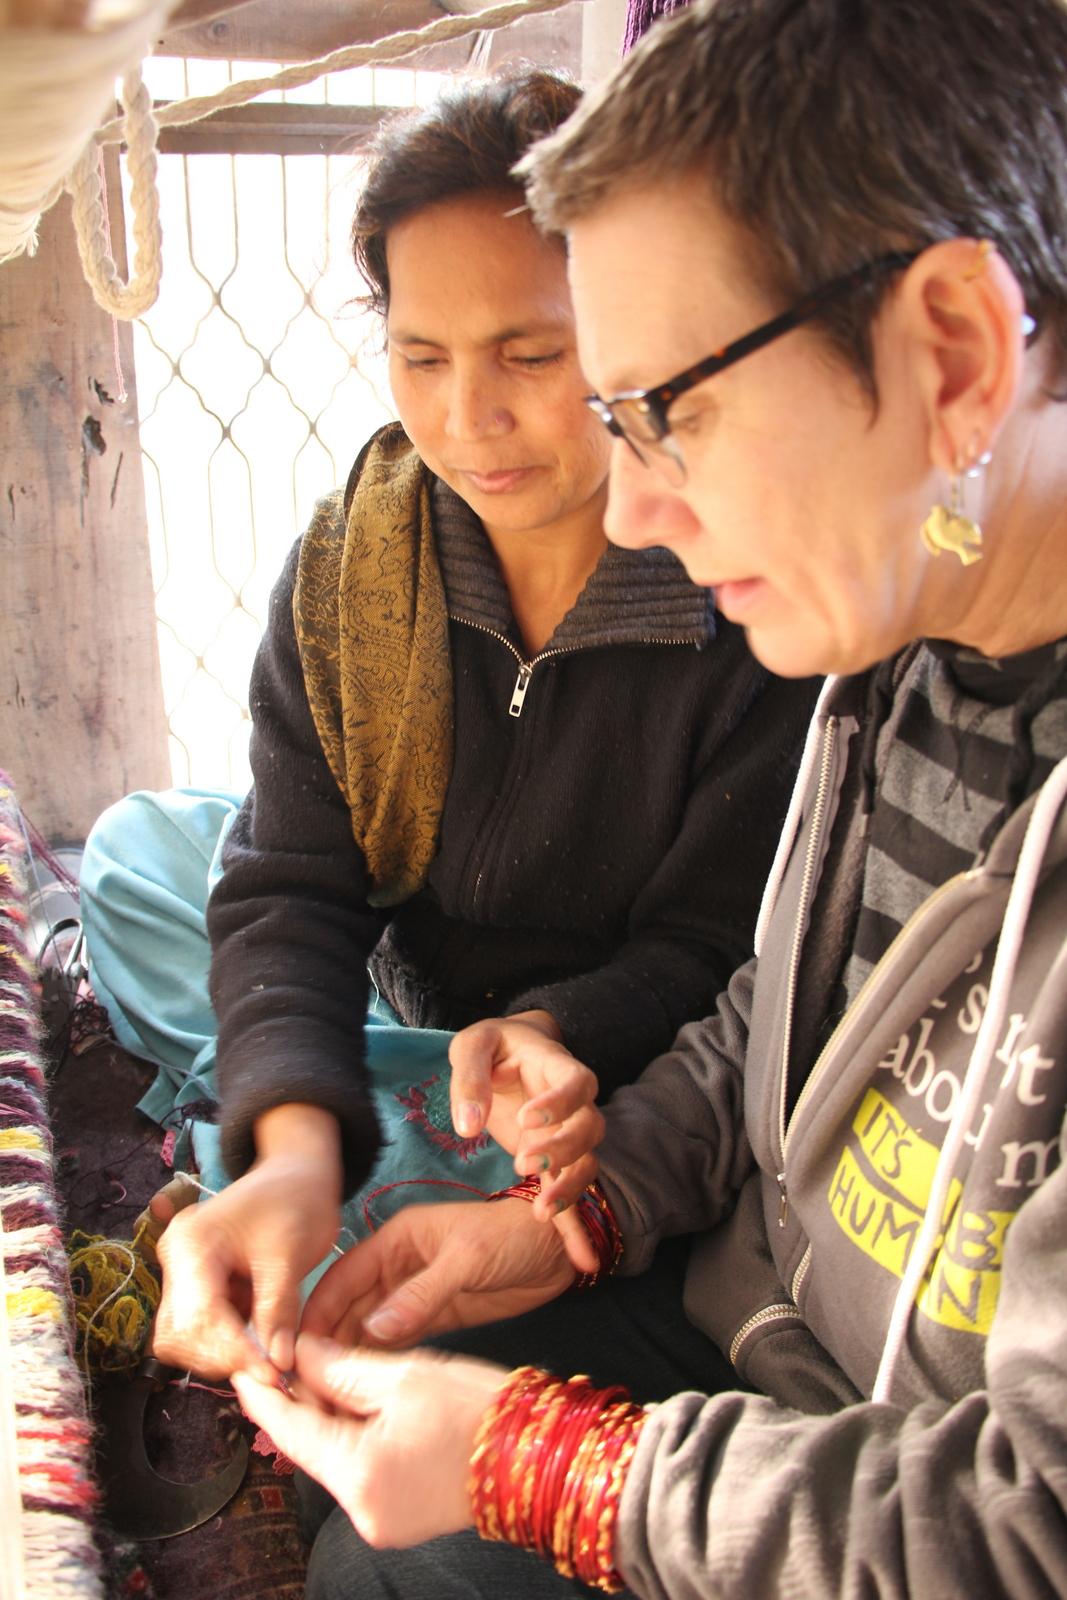 Razia teaching Gwen how to knot rugs